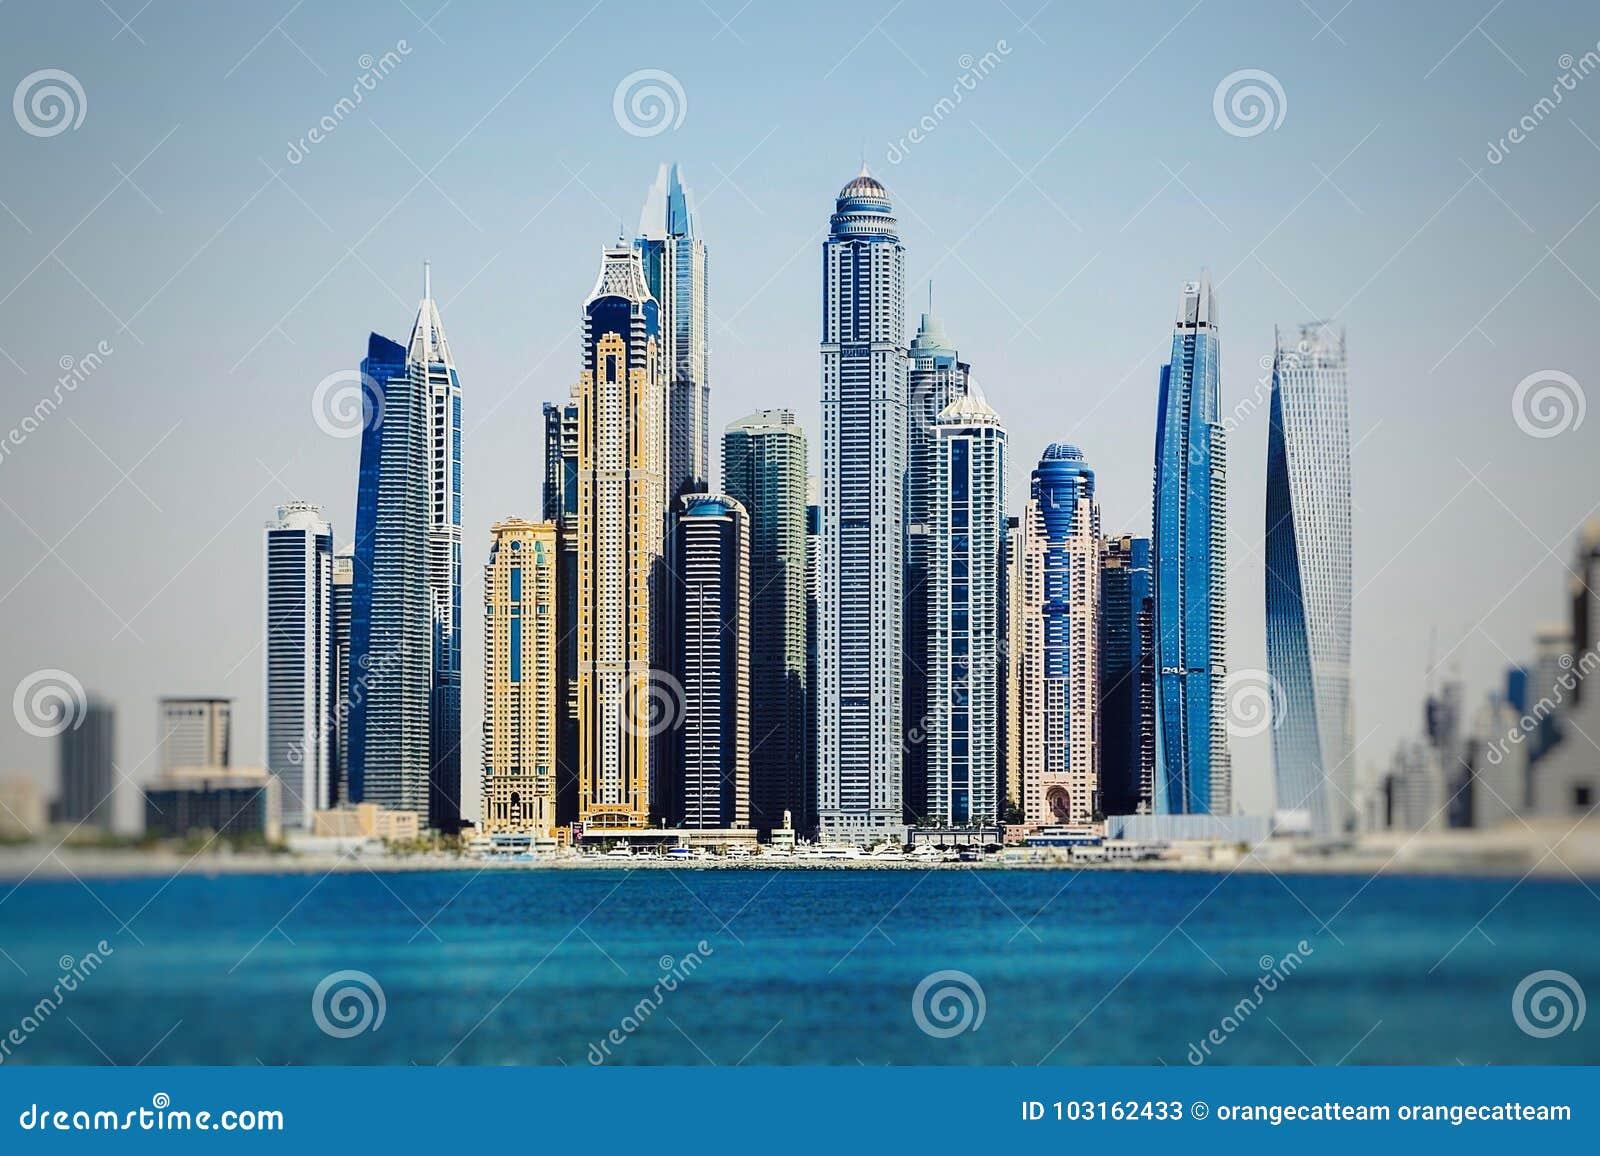 Pejzaż miejski w Zjednoczone Emiraty Arabskie